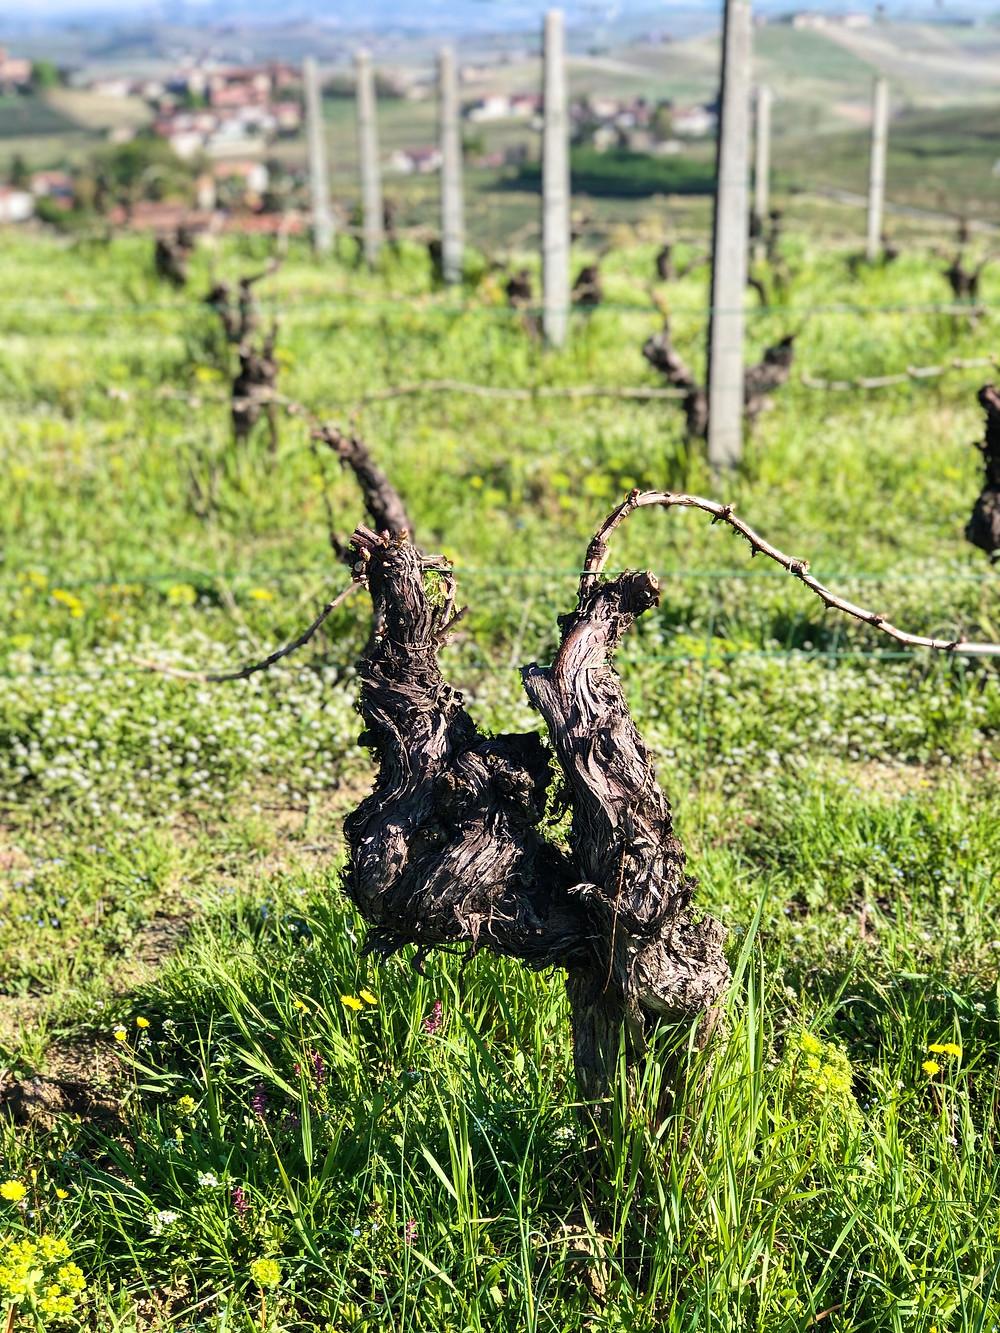 Nebbiolo grape vine in spring in La Morra on Barolo vineyards